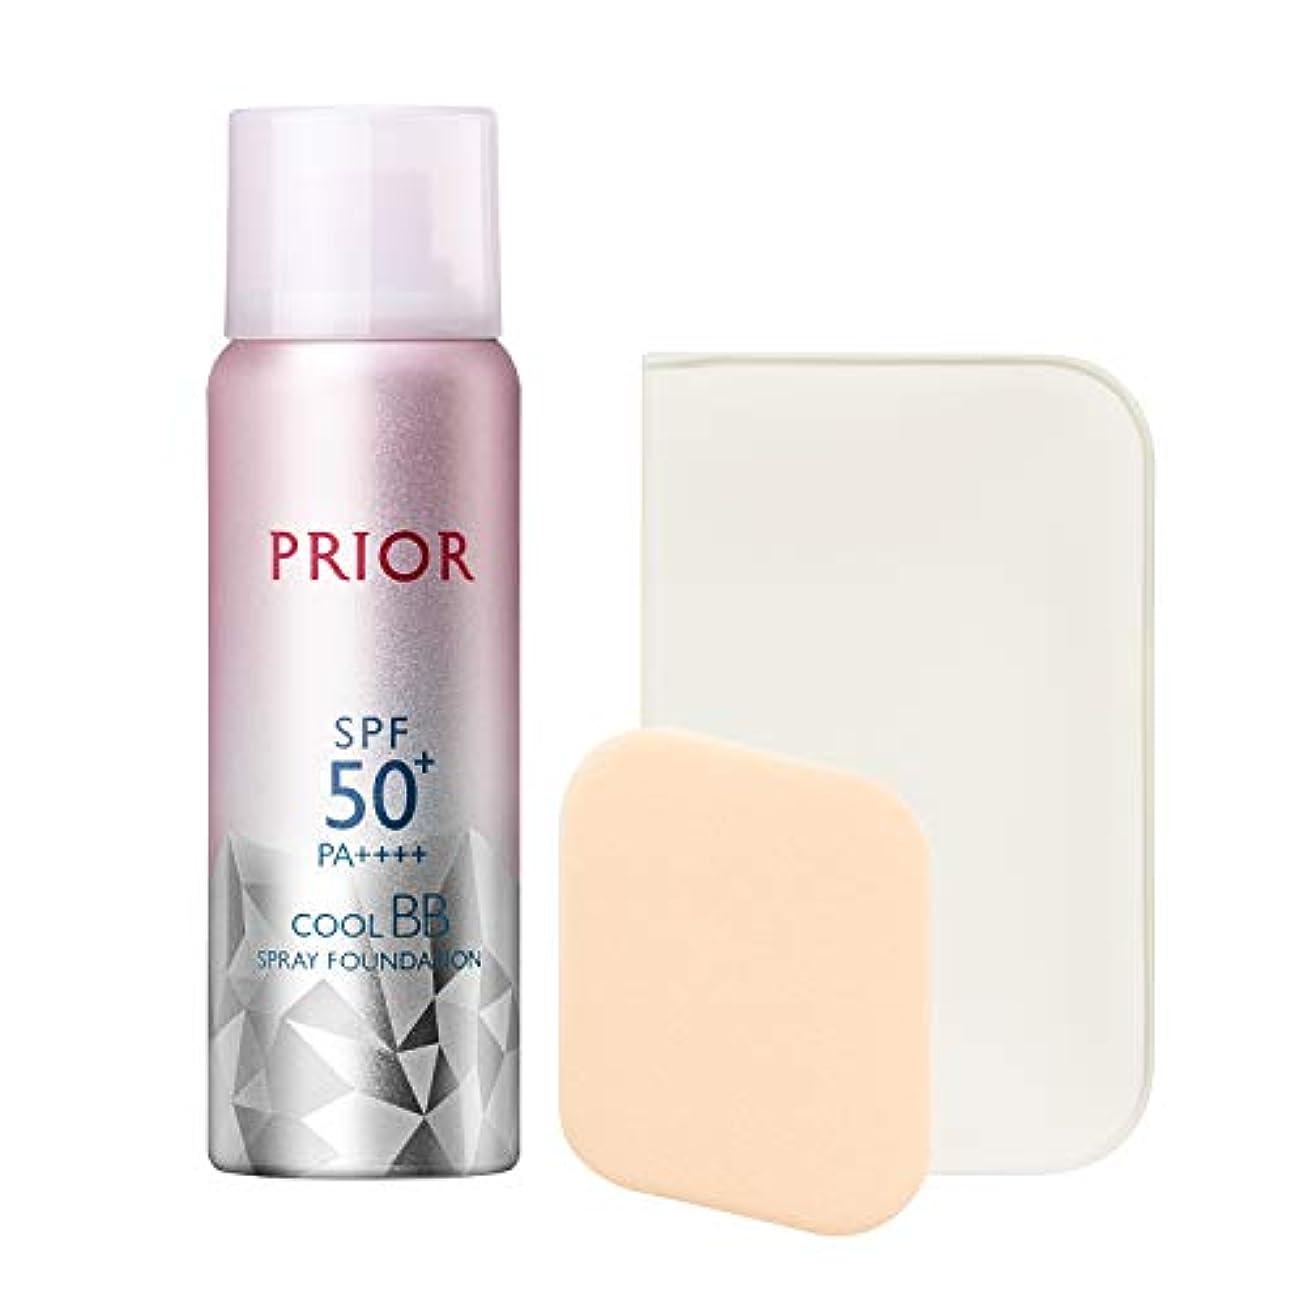 件名持ってるまさにプリオール クール美つやBBスプレー UV 50 c ライト 50g